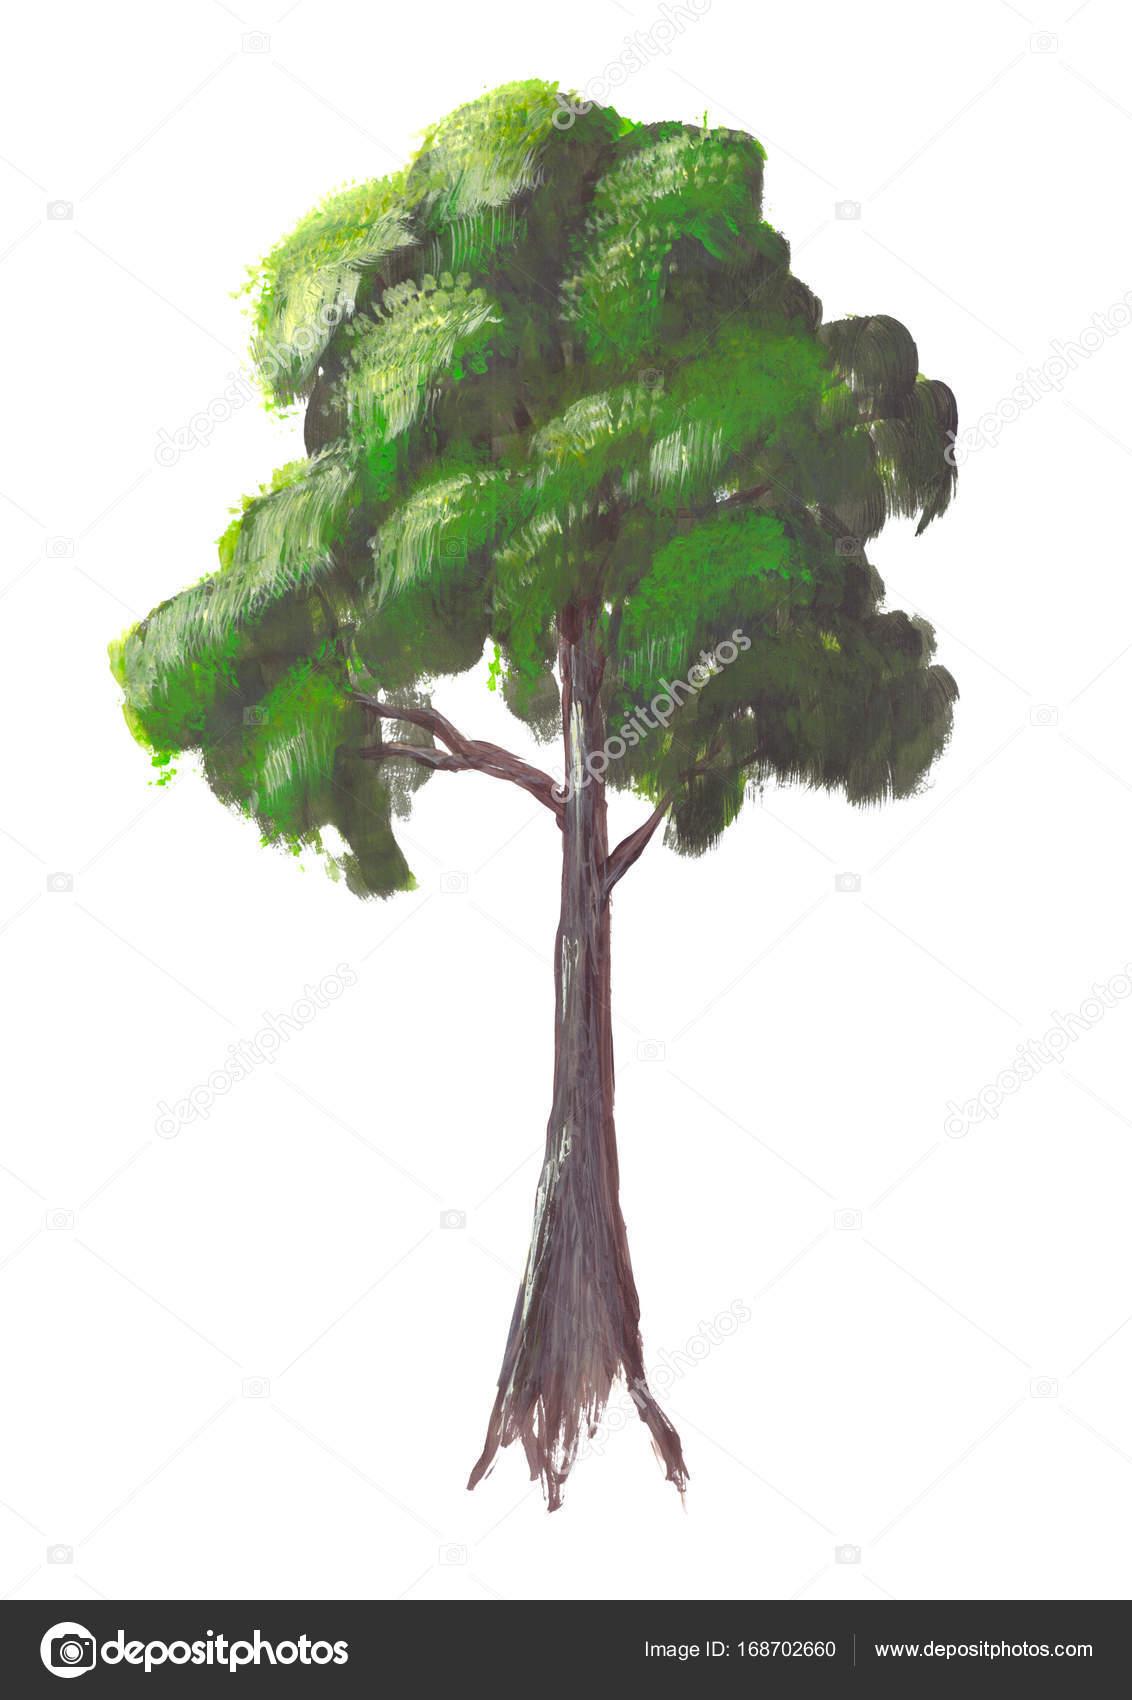 Hand Gezeichnet Acryl Lebendige Sommergrün Baum Isoliert Auf